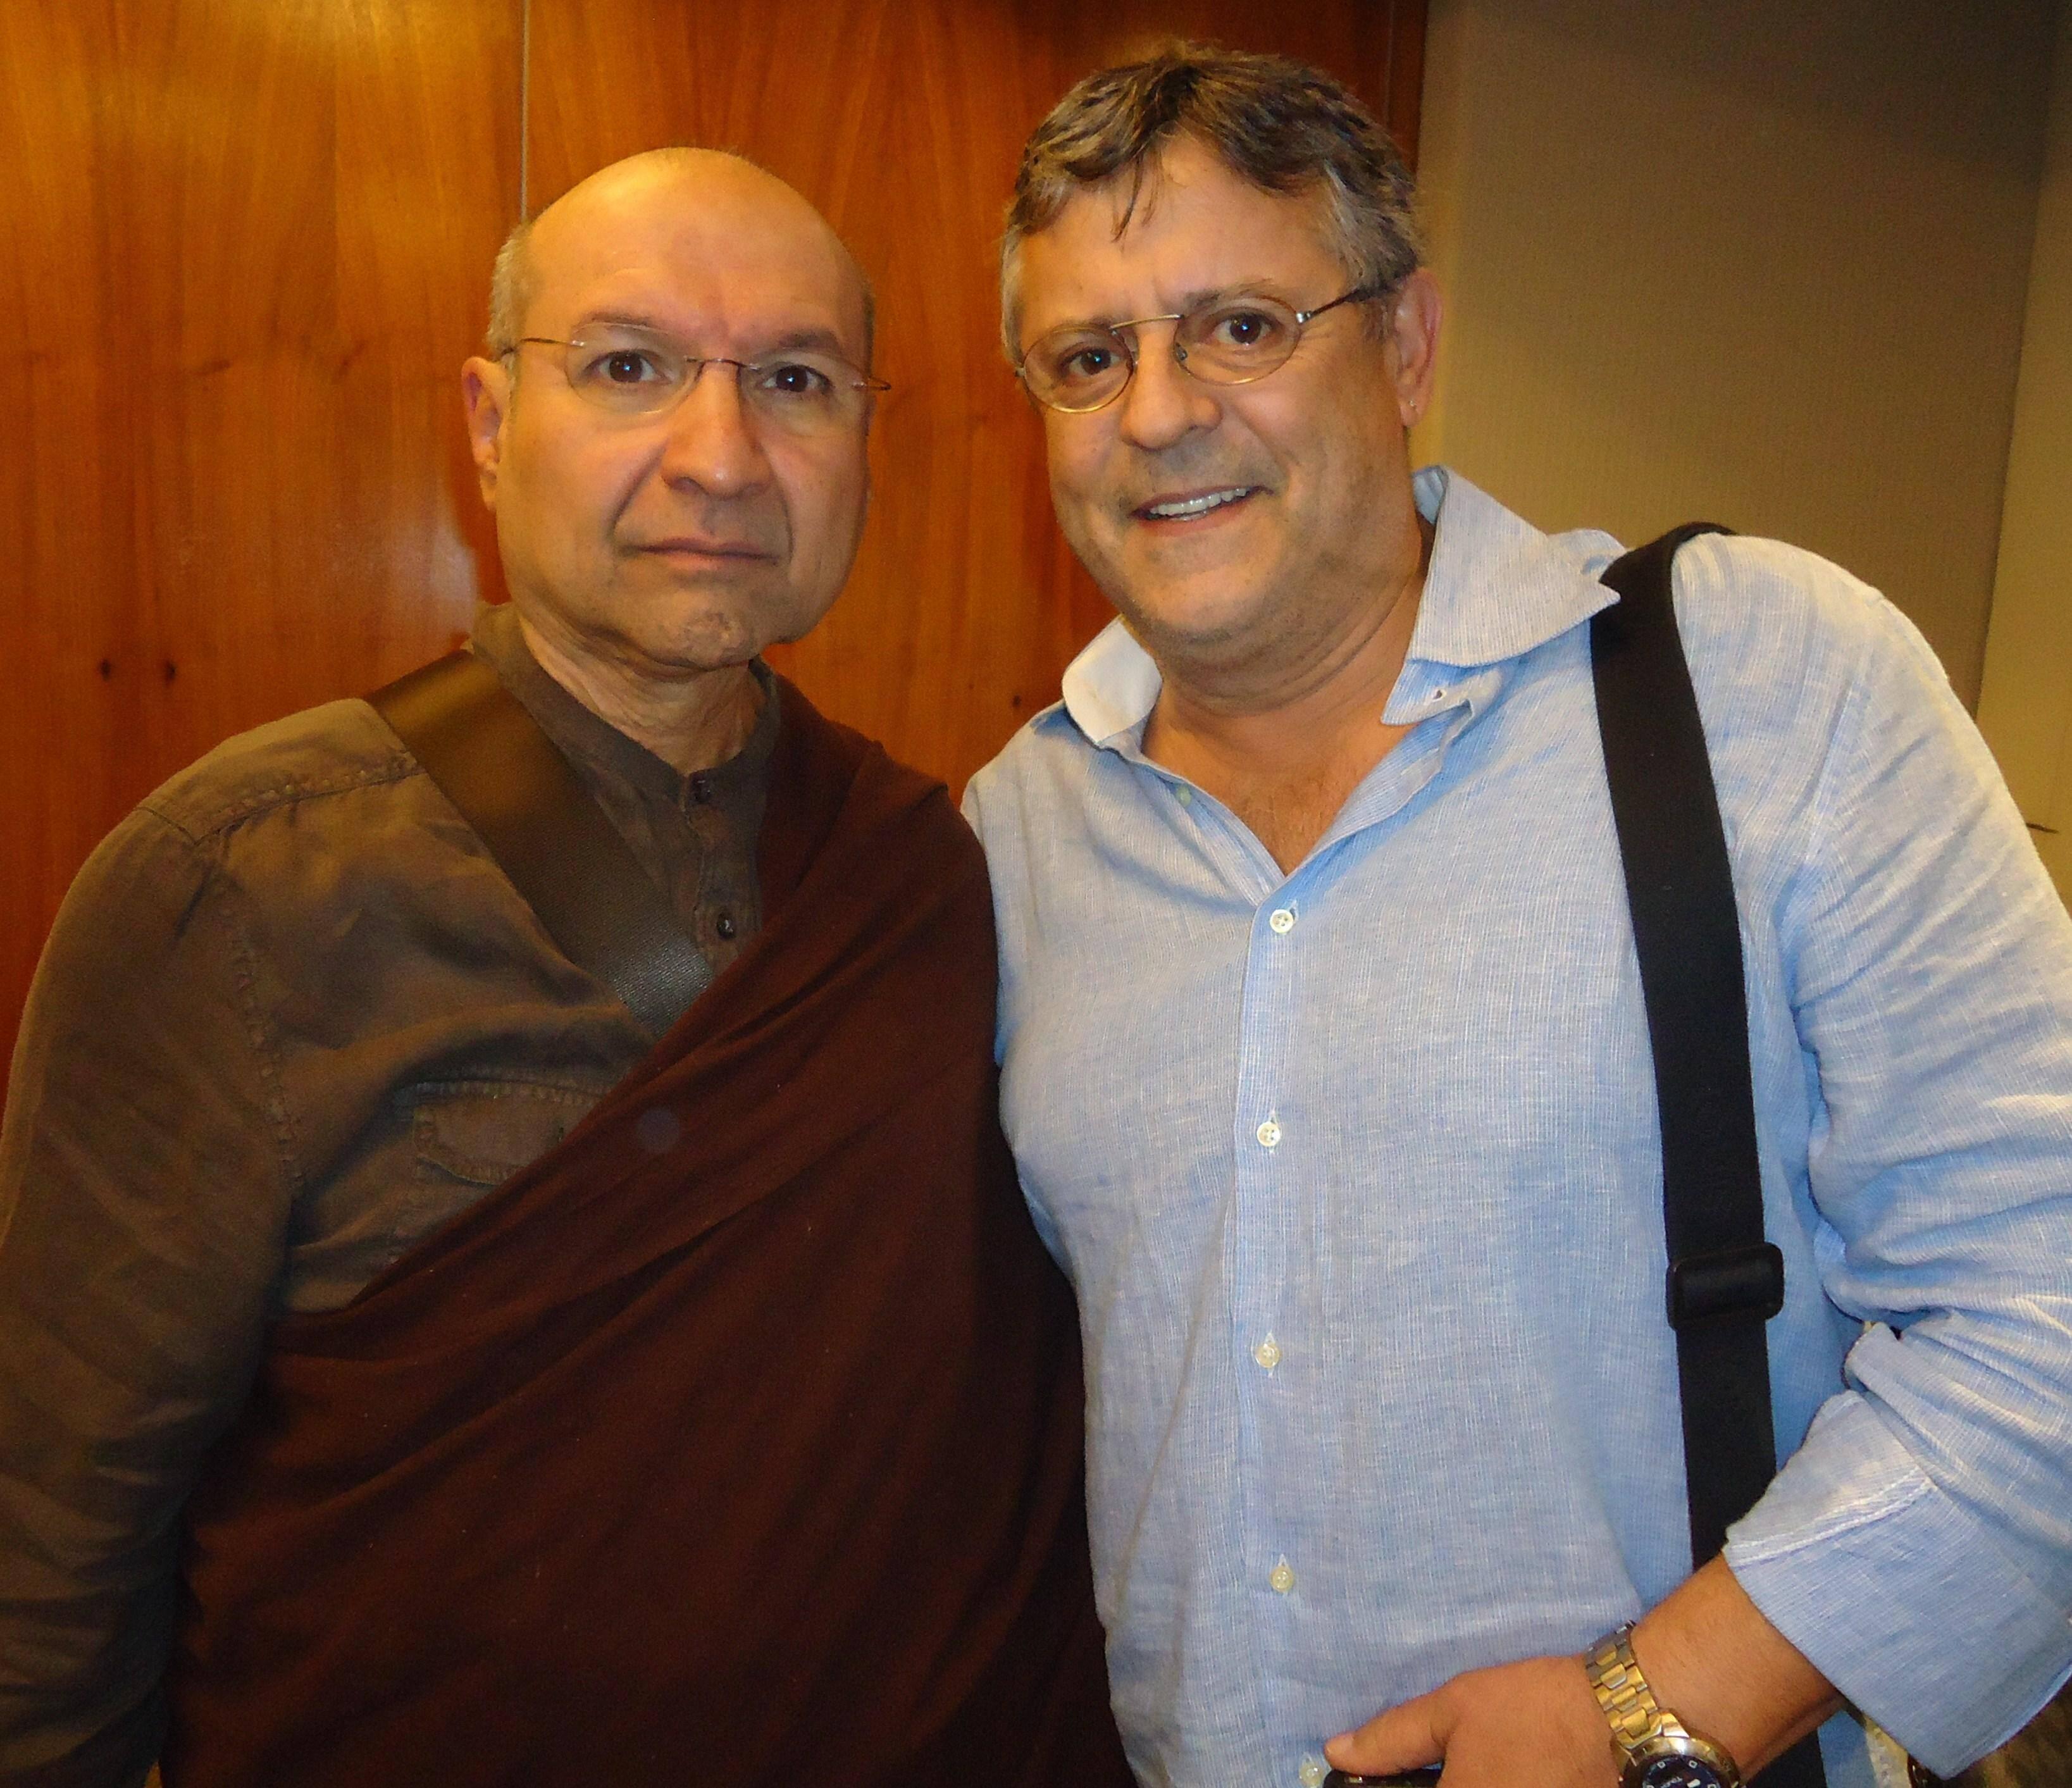 Segyu Rinpoche com Marcos Paulo - o diretor ficou encantado com o monge budista / Foto: Isabela Menezes